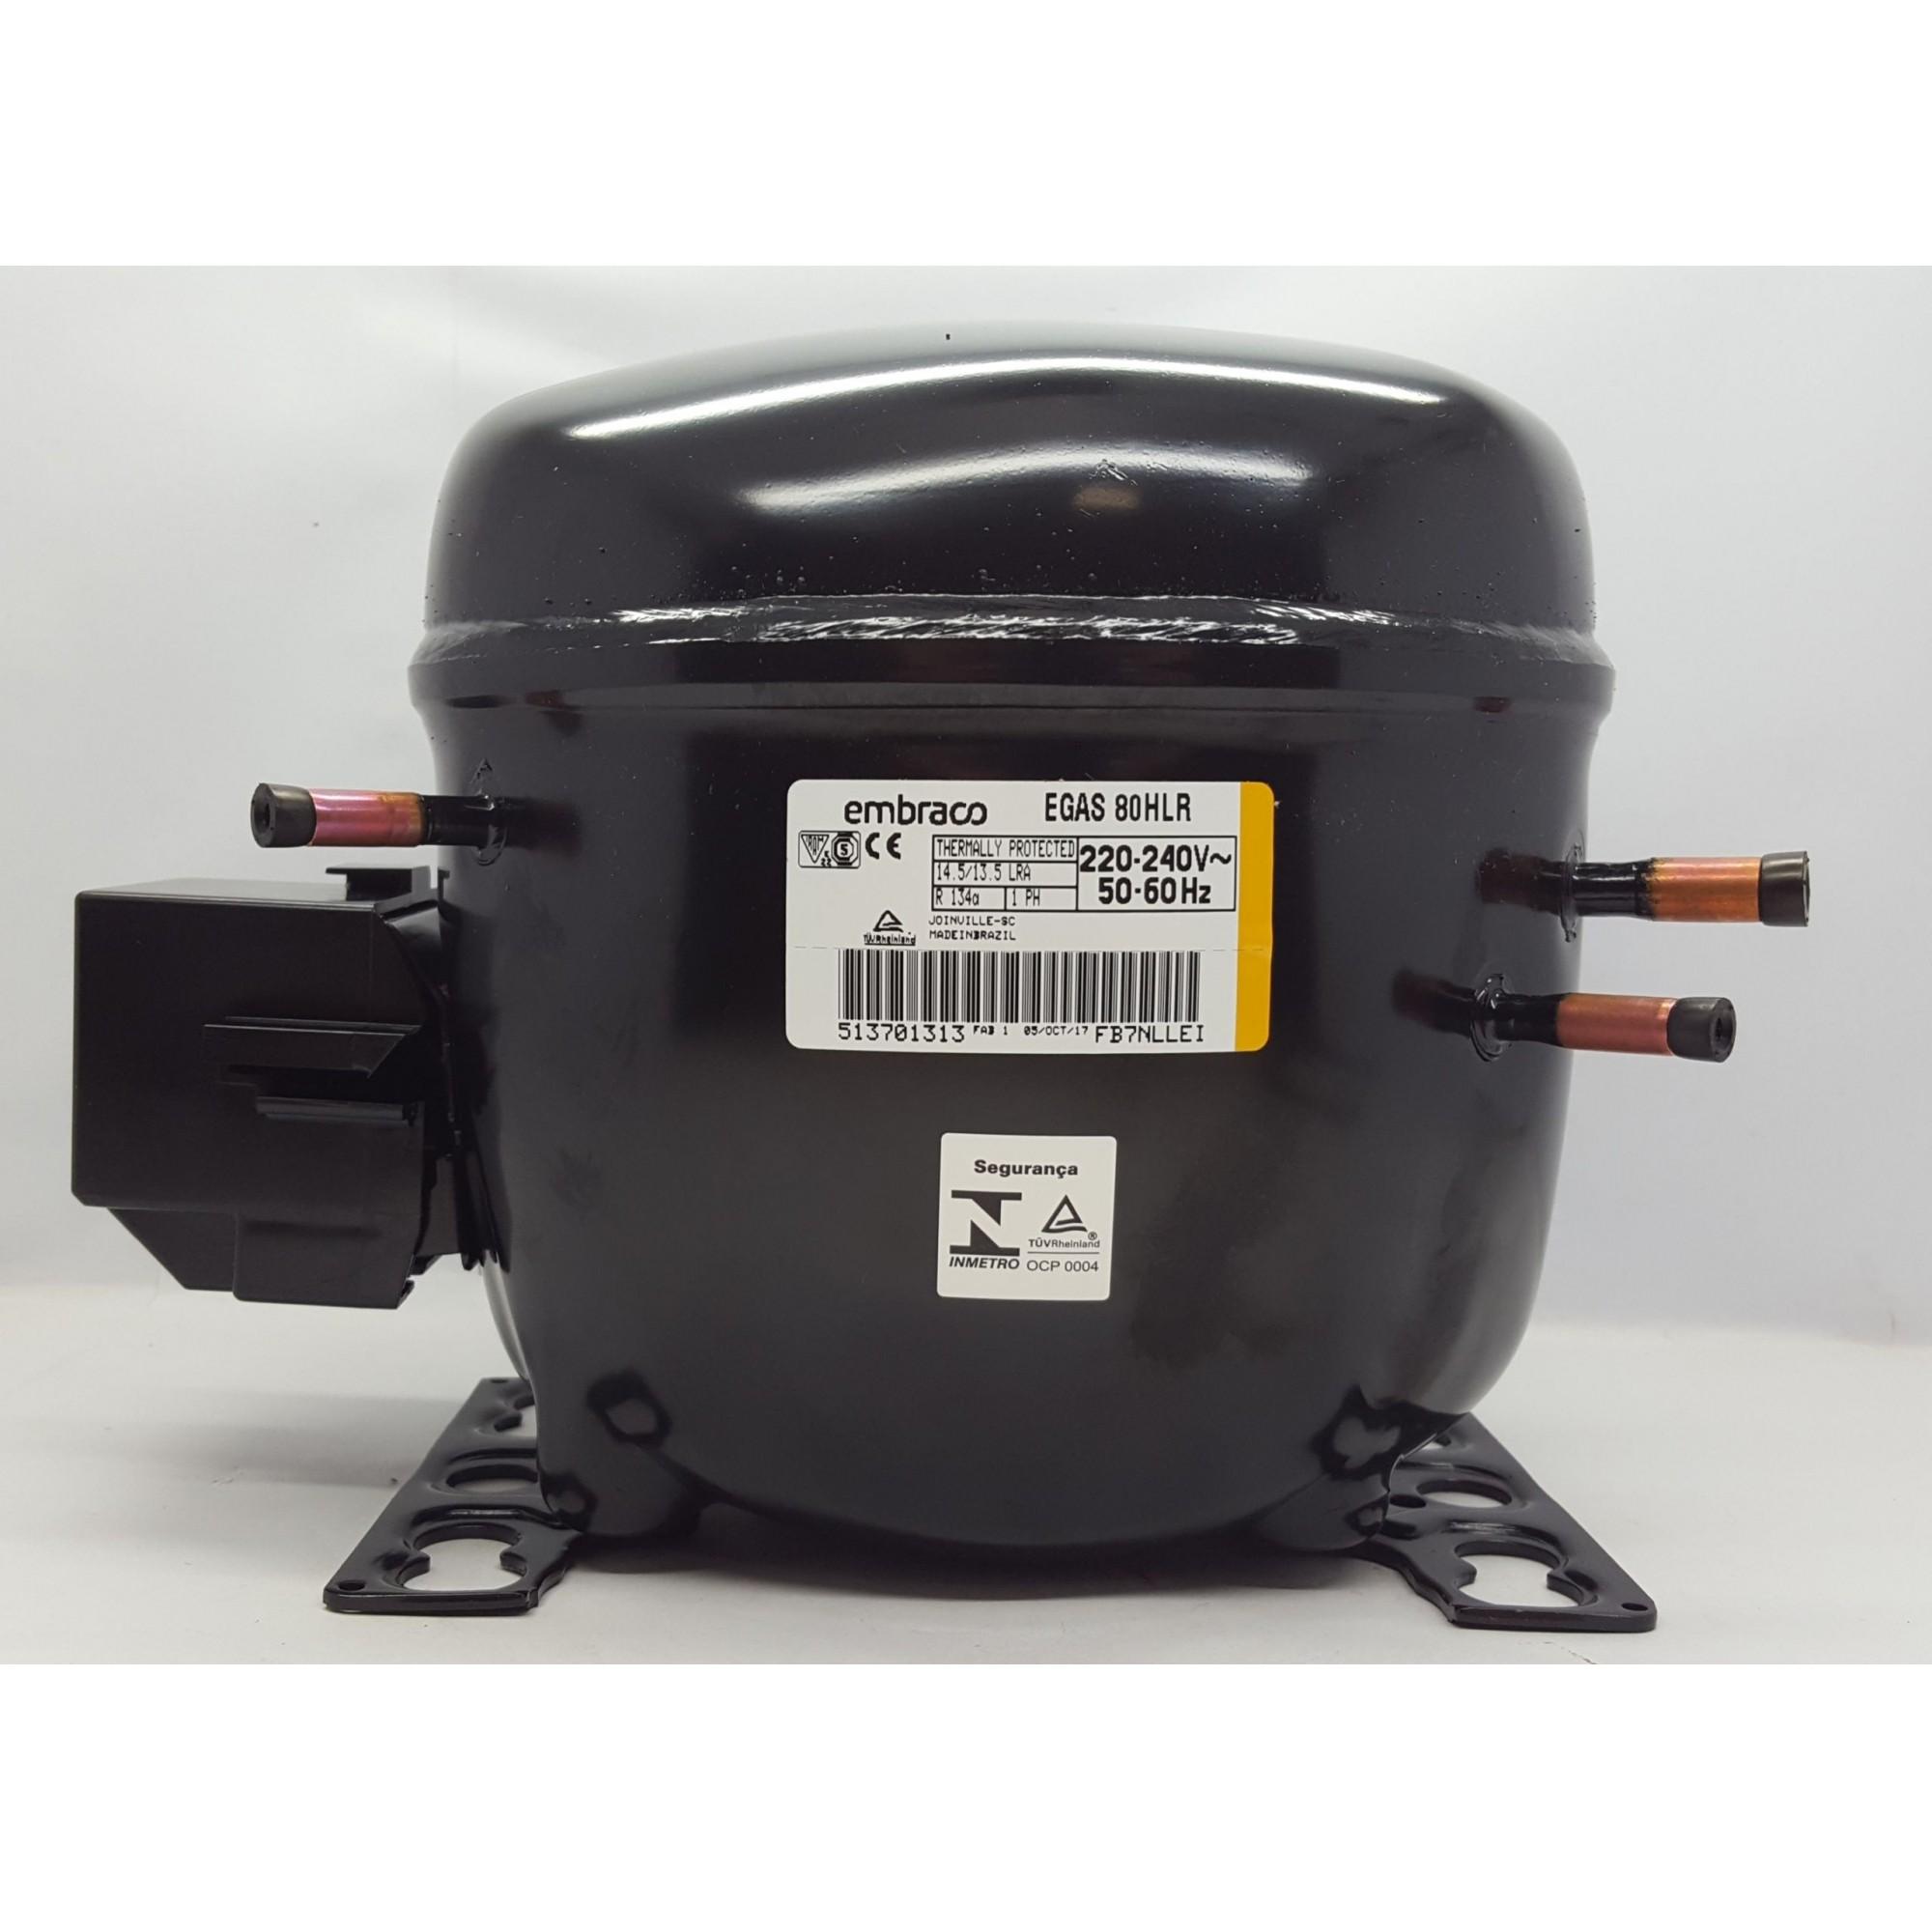 MOTOR PARA GELADEIRA E FREEZER - COMPRESSOR EMBRACO 1/4+ HP - EGAS 80HLR - R-134a (220v)